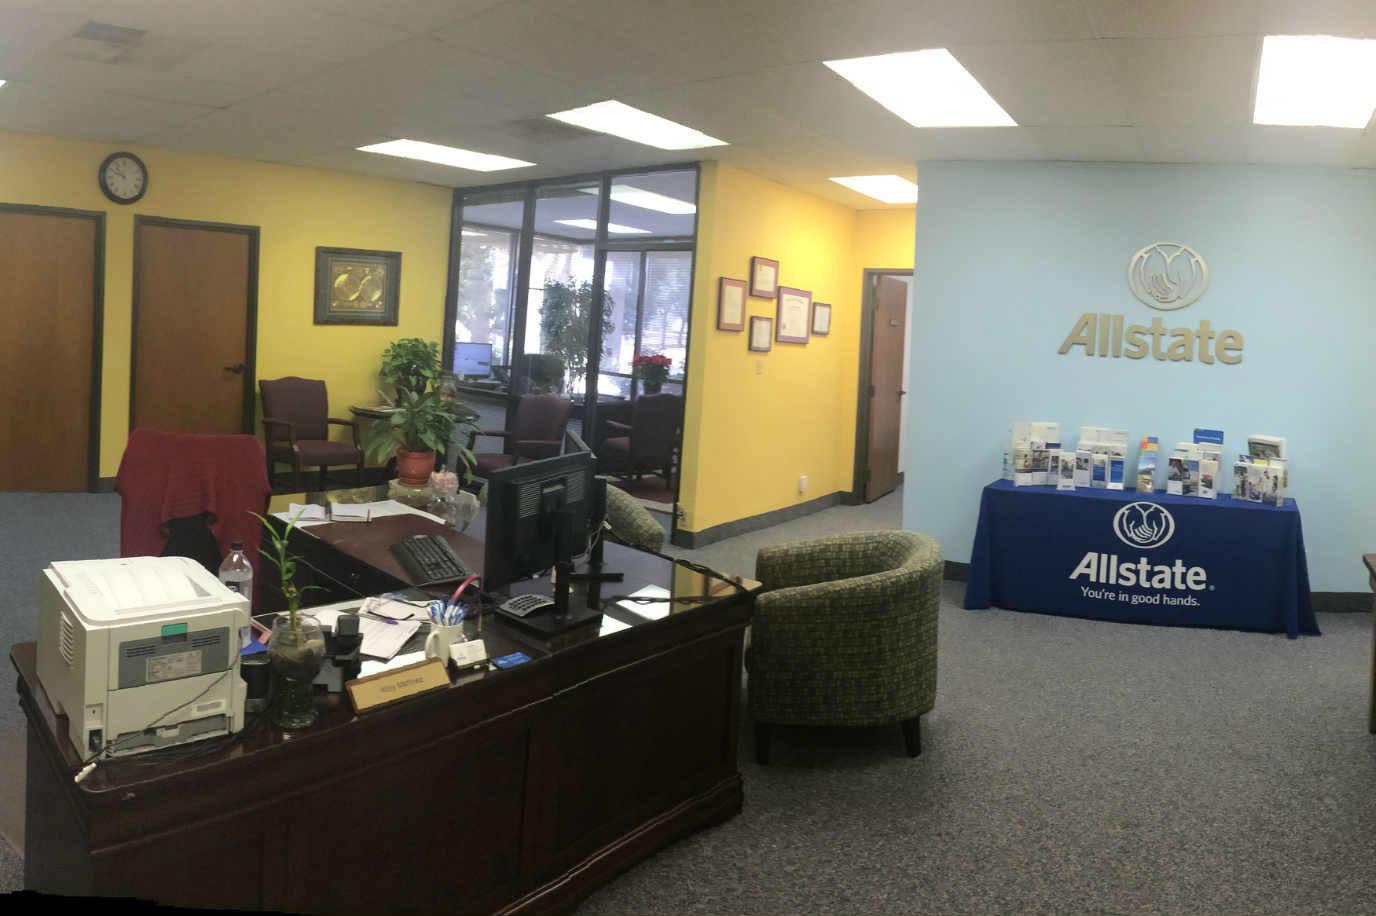 Randy Jones: Allstate Insurance image 1